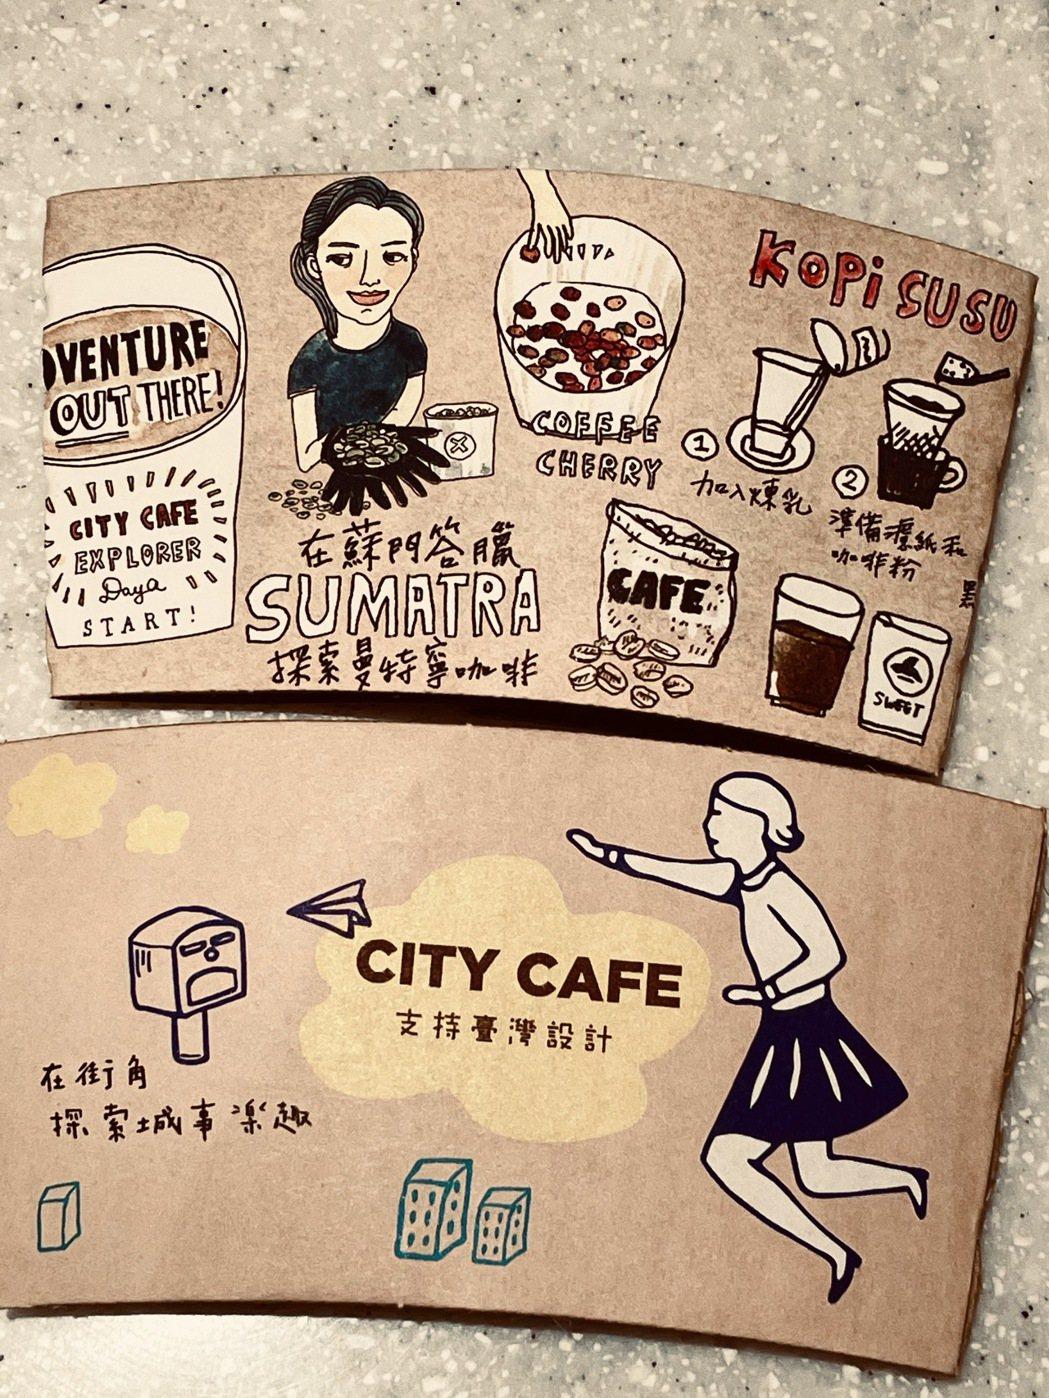 超商咖啡杯套後來又推出了插畫家系列、色票系列、公益系列、城市藝術系列等,非常有特...